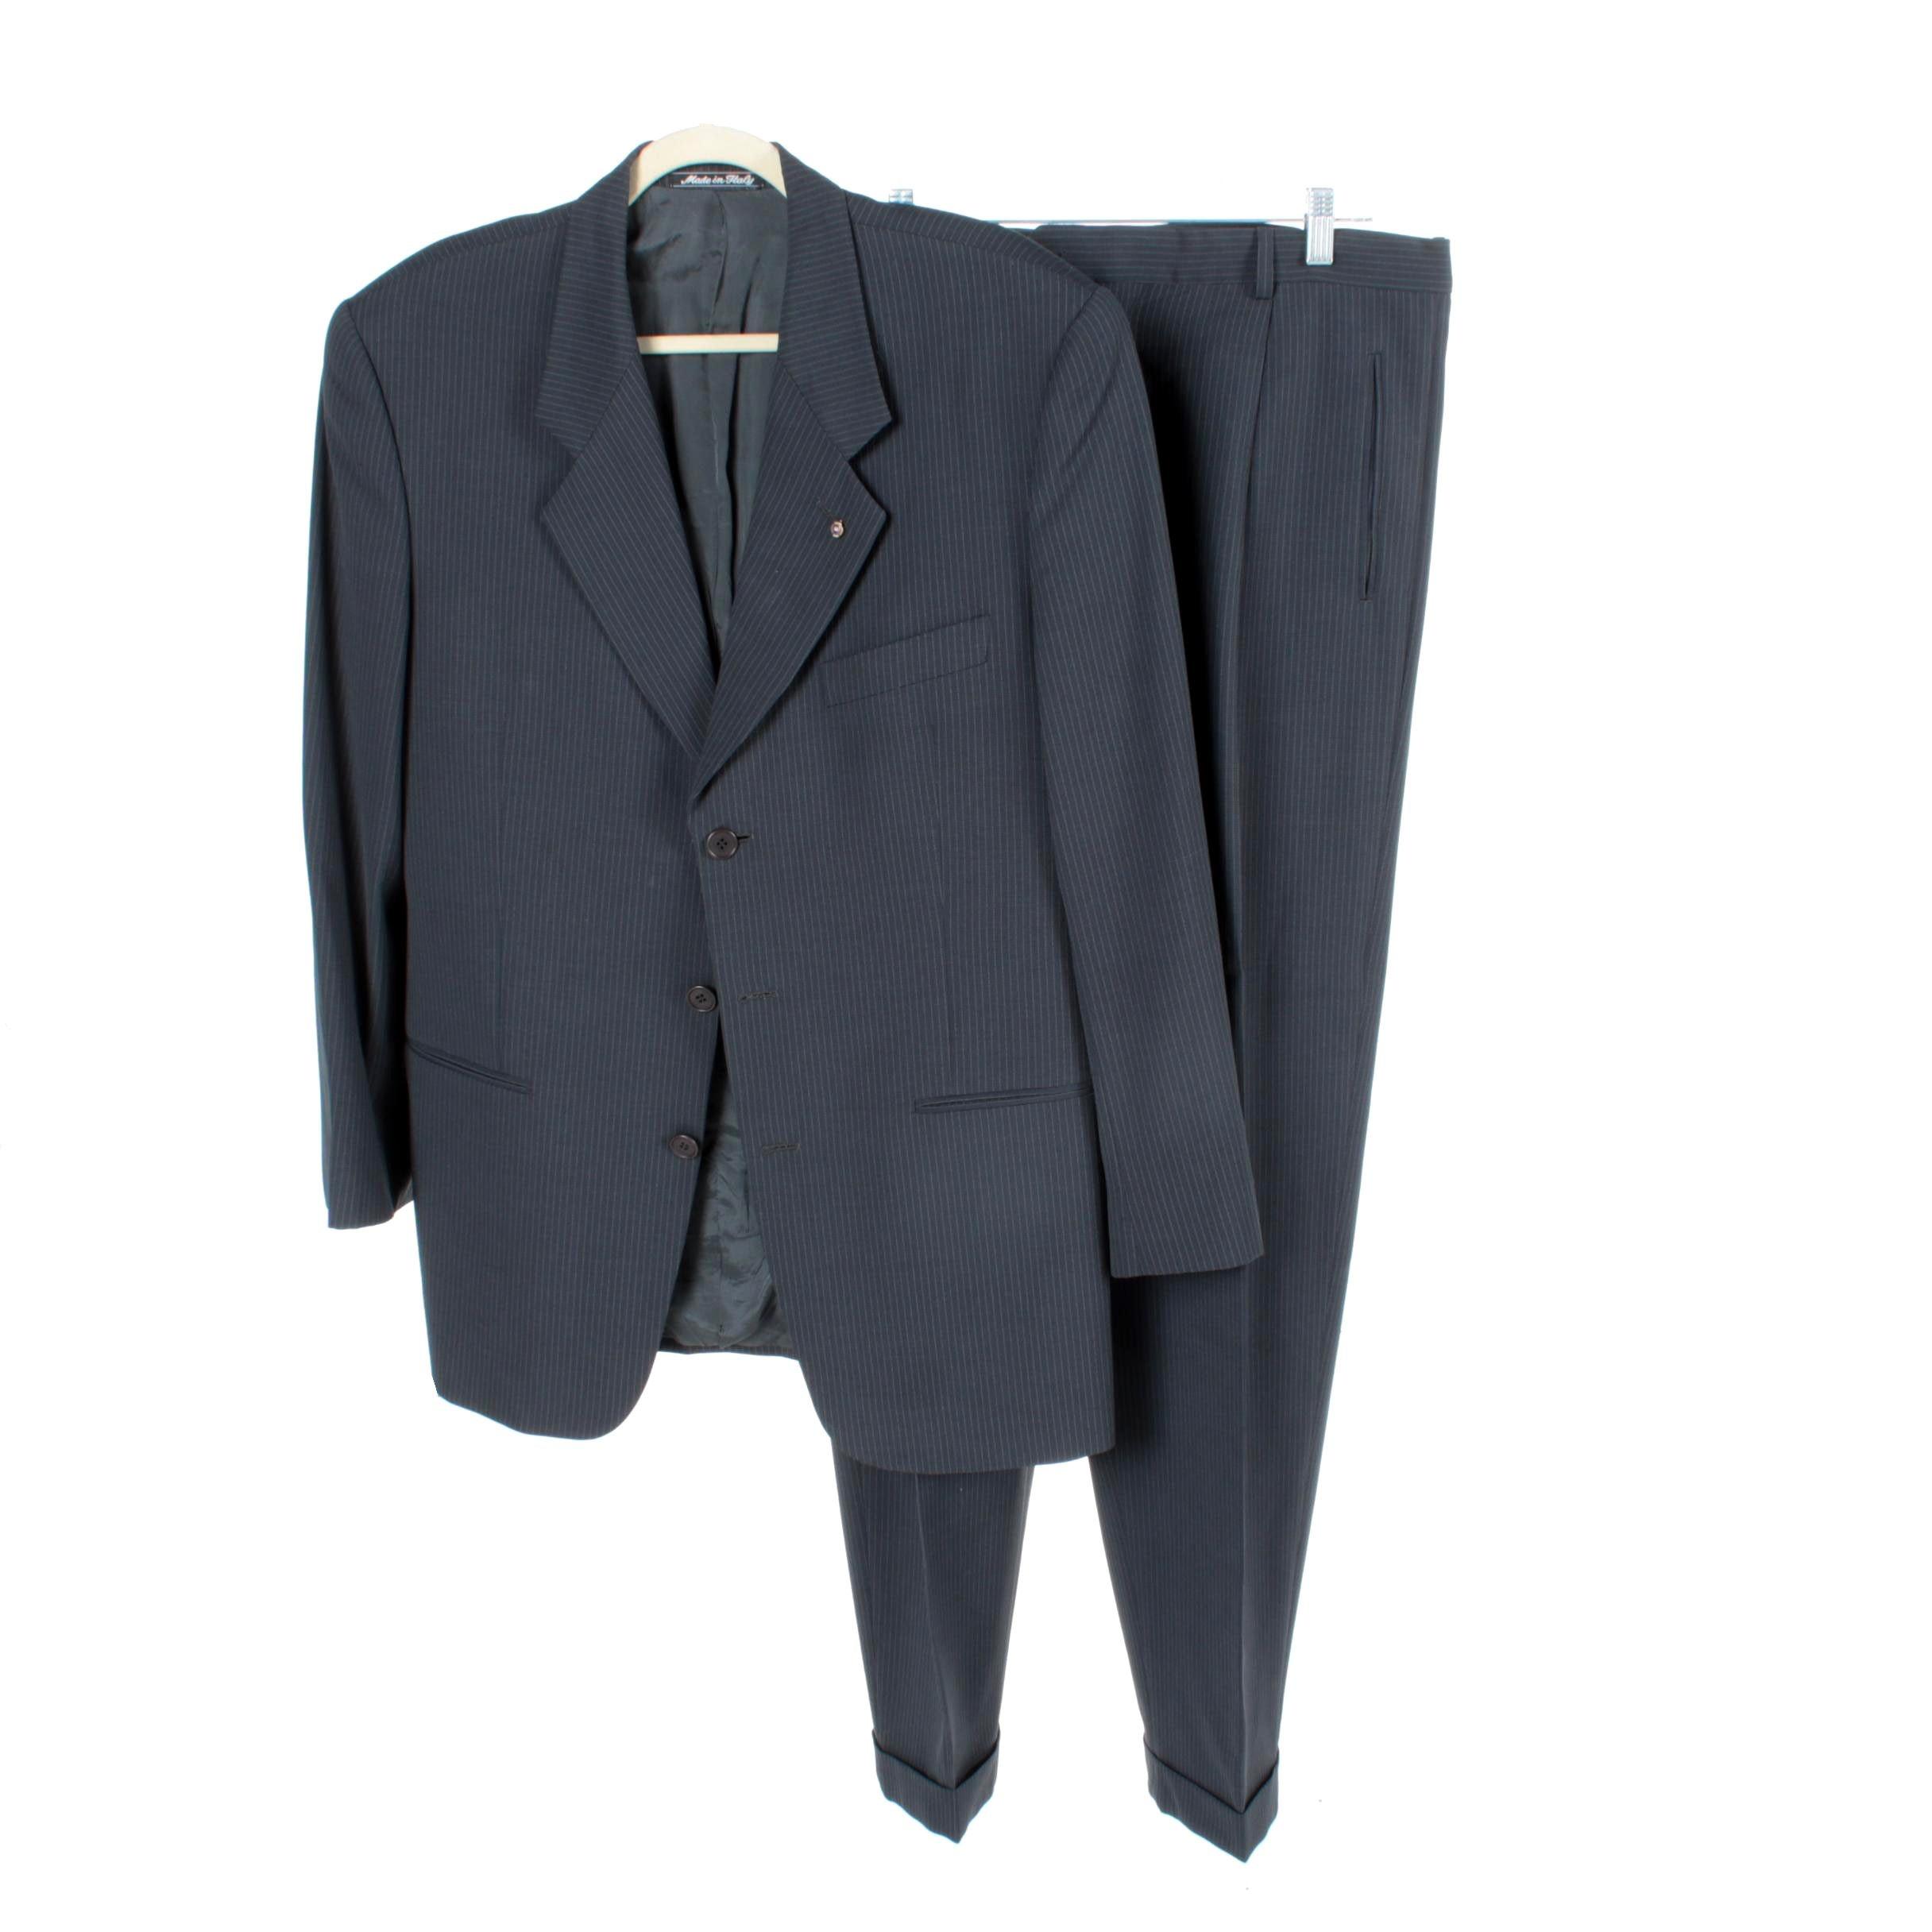 Men's Giorgio Armani Le Collezioni Wool and Silk Blend Grey Pinstripe Suit